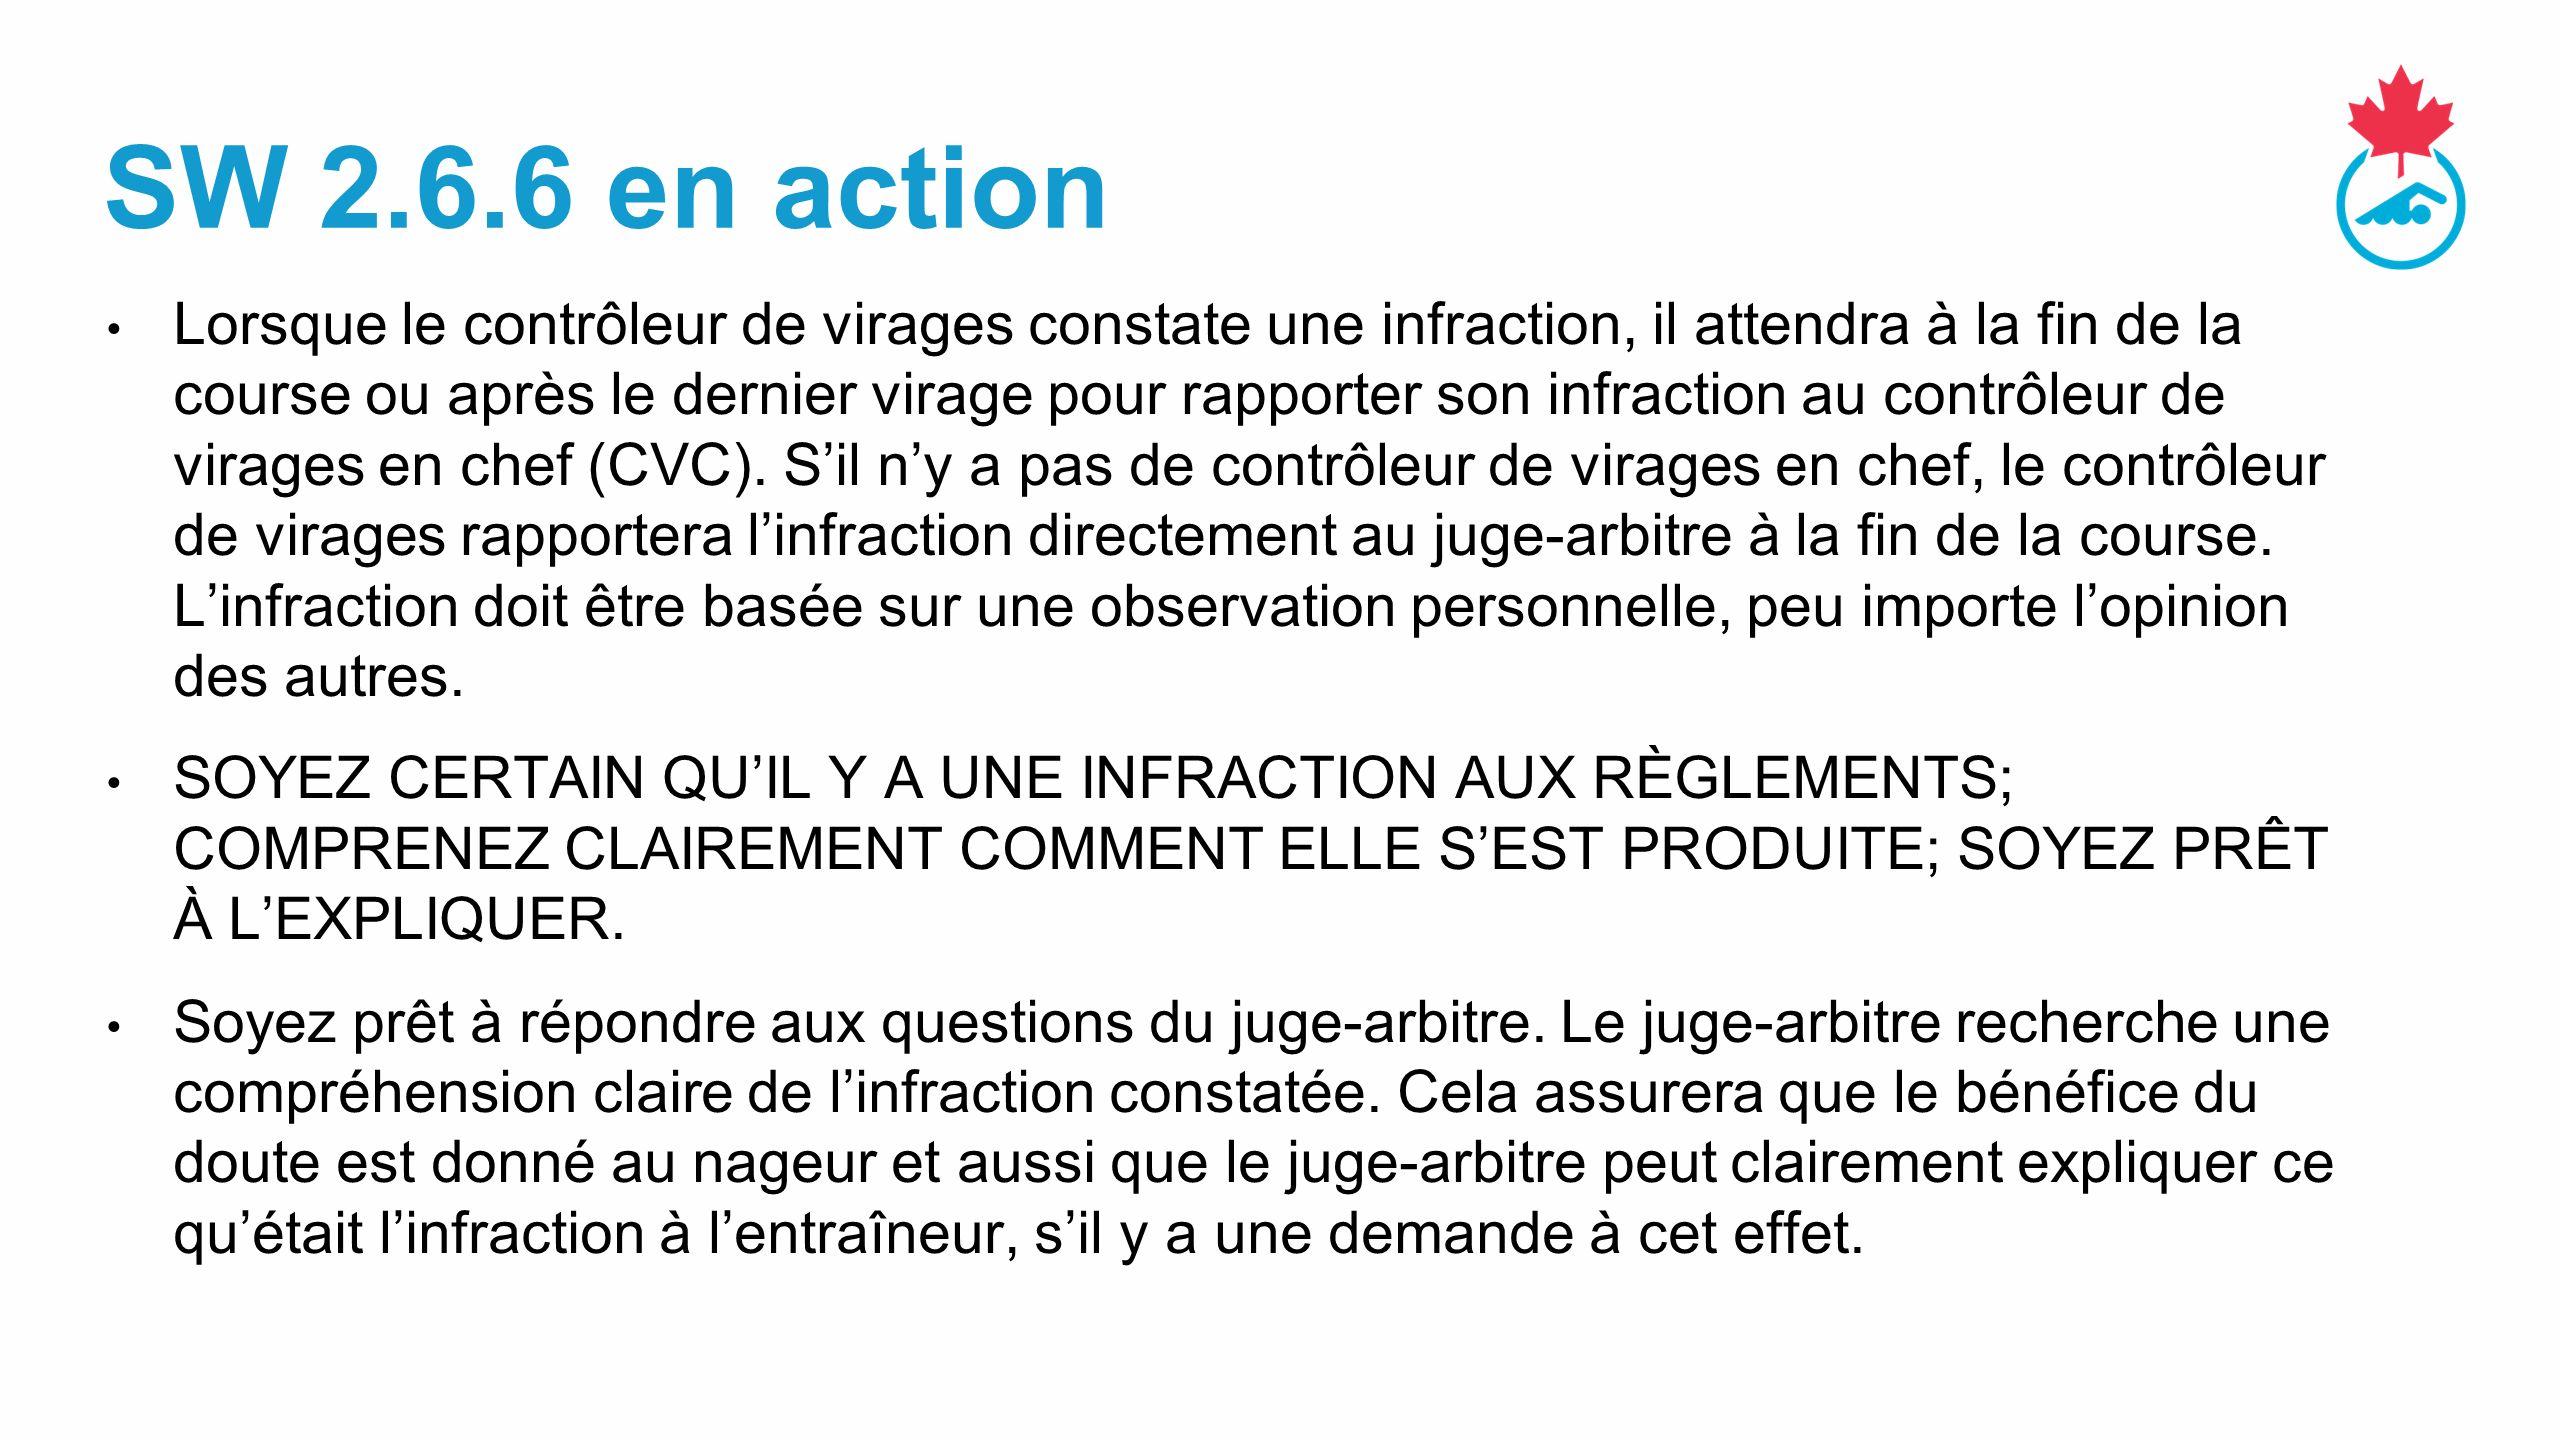 SW 2.6.6 en action Lorsque le contrôleur de virages constate une infraction, il attendra à la fin de la course ou après le dernier virage pour rapporter son infraction au contrôleur de virages en chef (CVC).